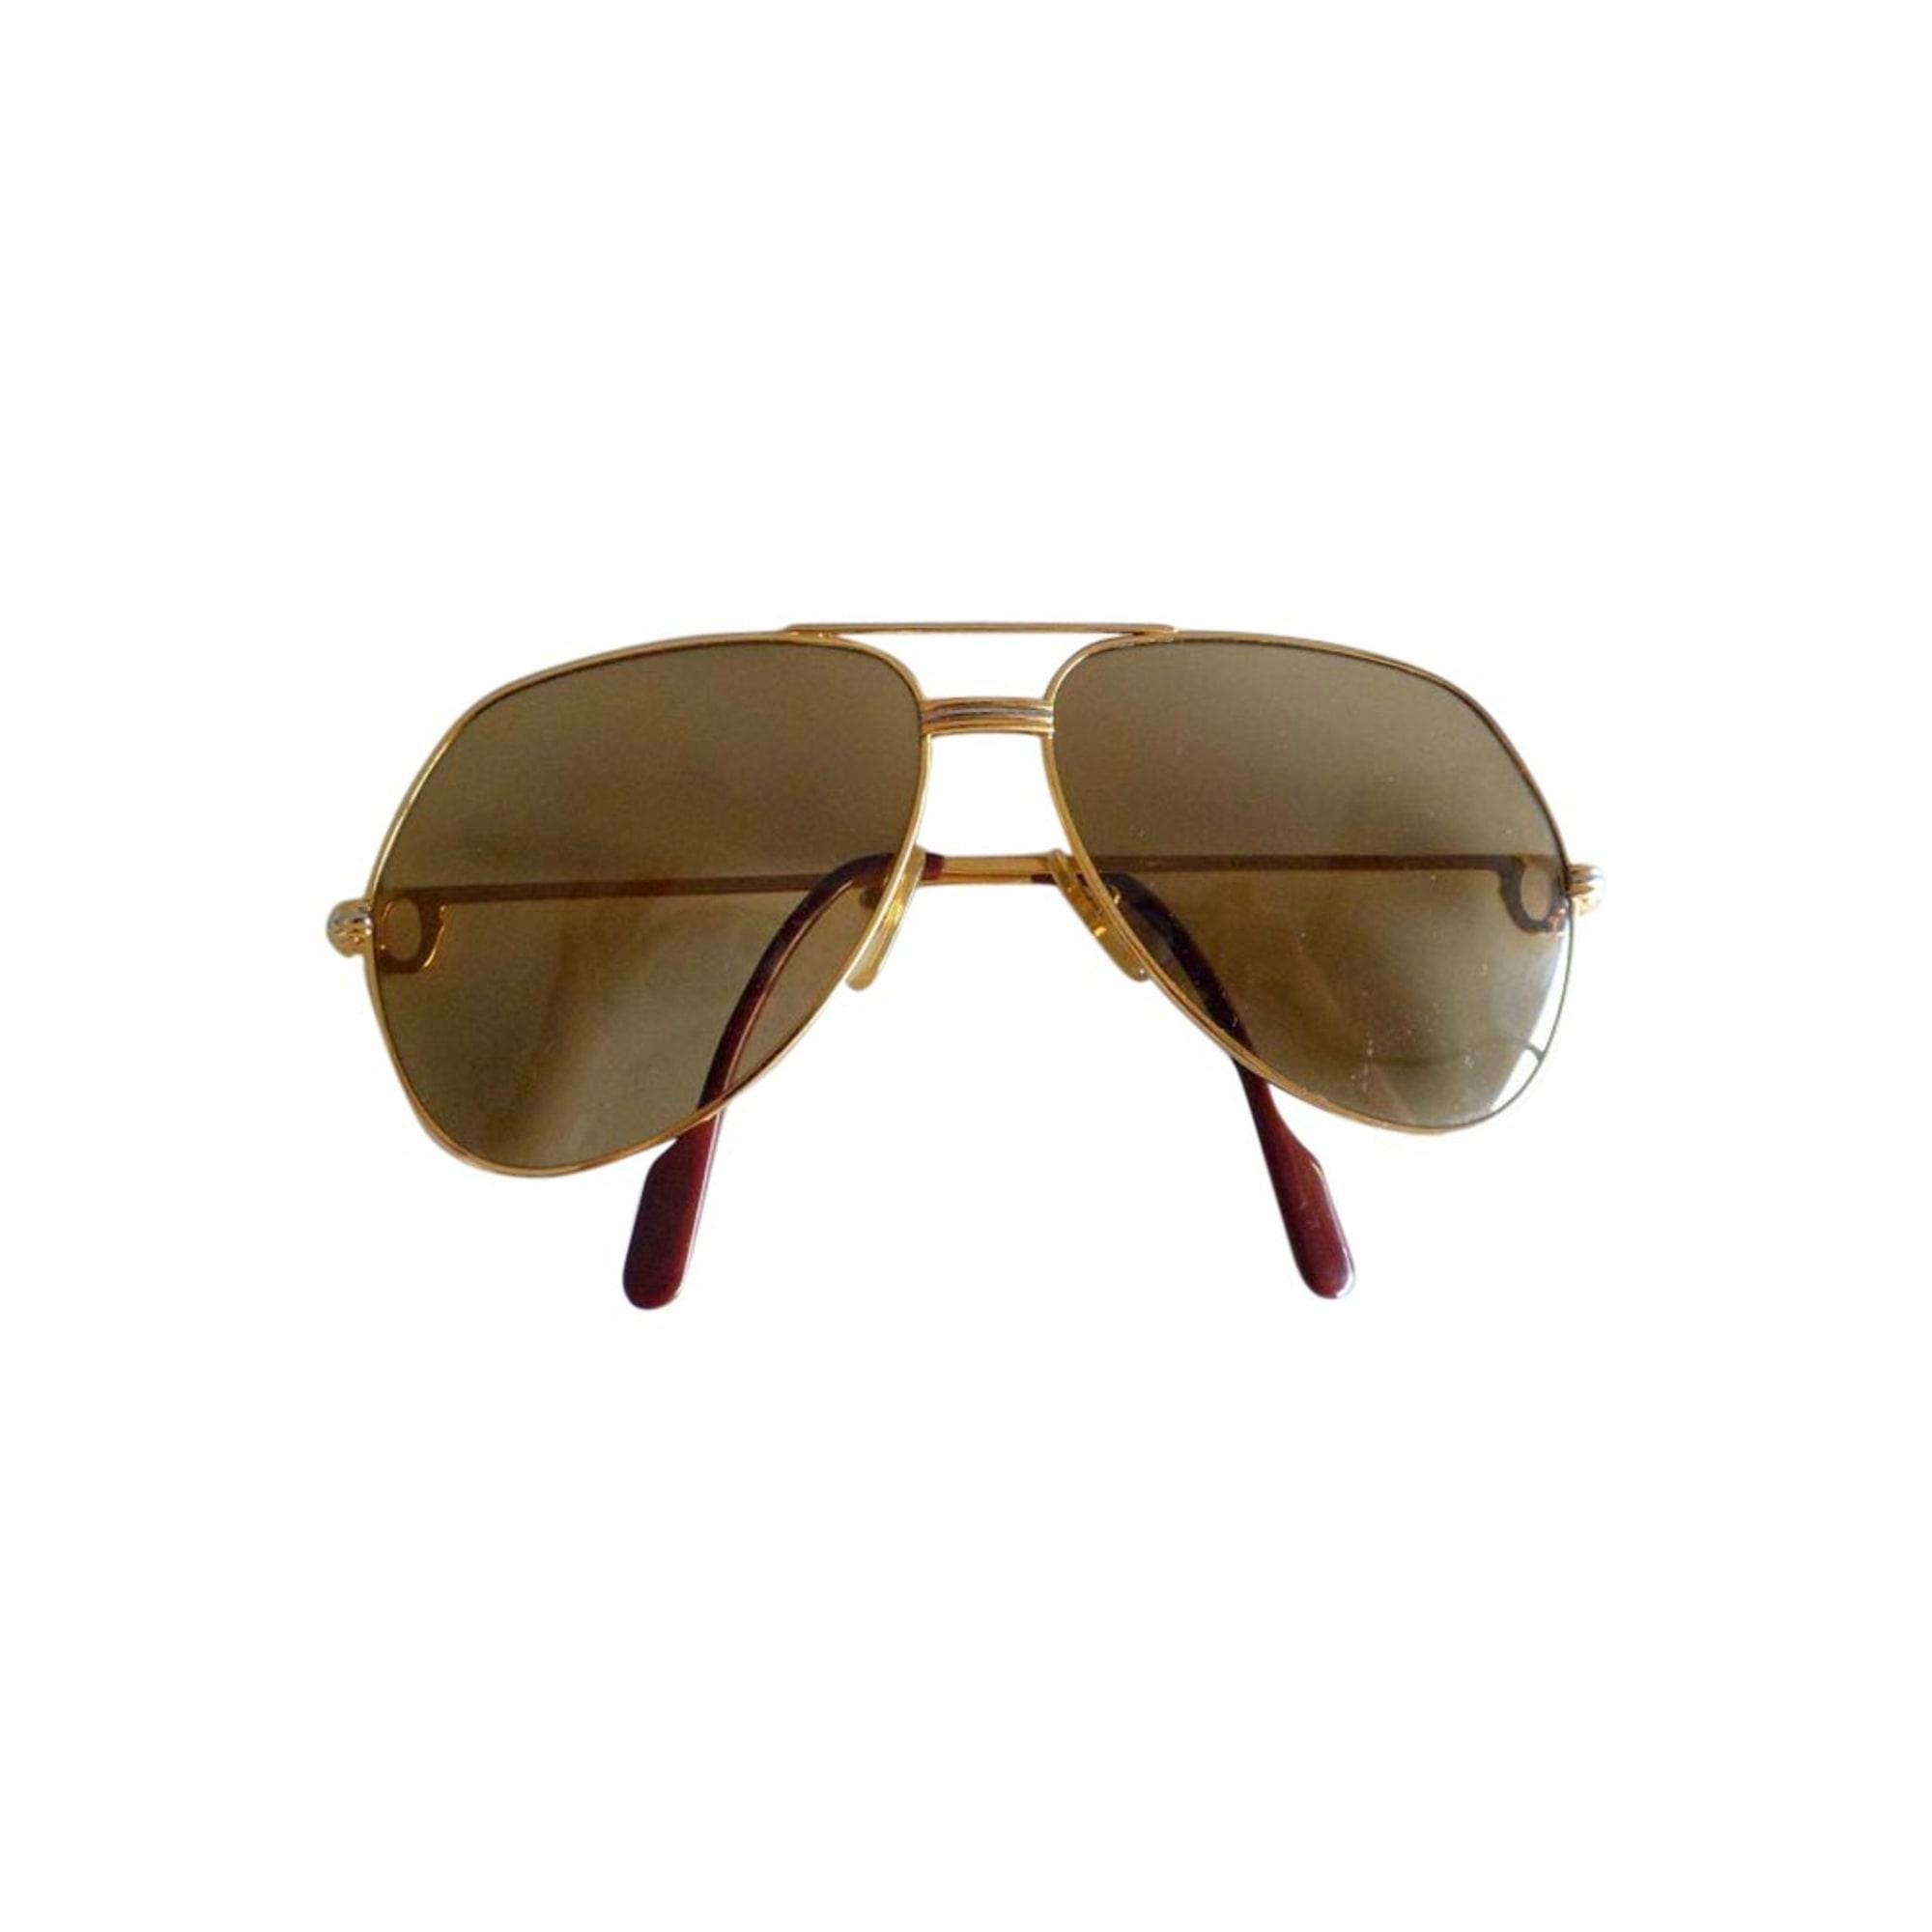 962a7fdf6100e7 Lunettes de soleil CARTIER doré vendu par Shopname605758 - 2205267